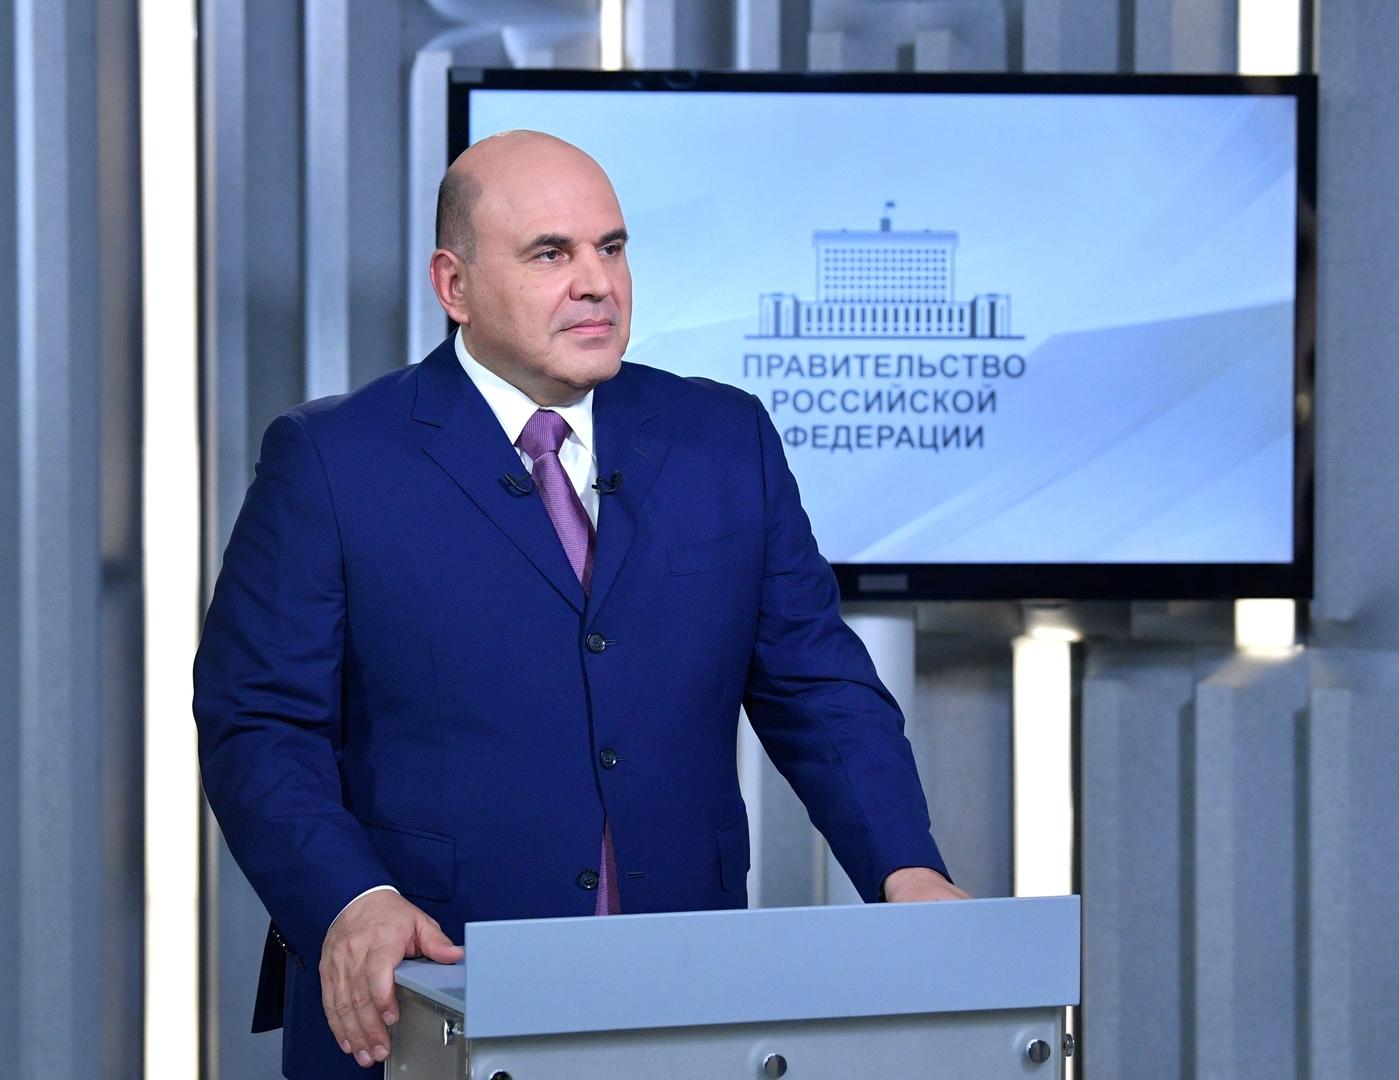 رئيس الوزراء الروسي يكشف ما تملكه روسيا من ذهب ونقد أجنبي